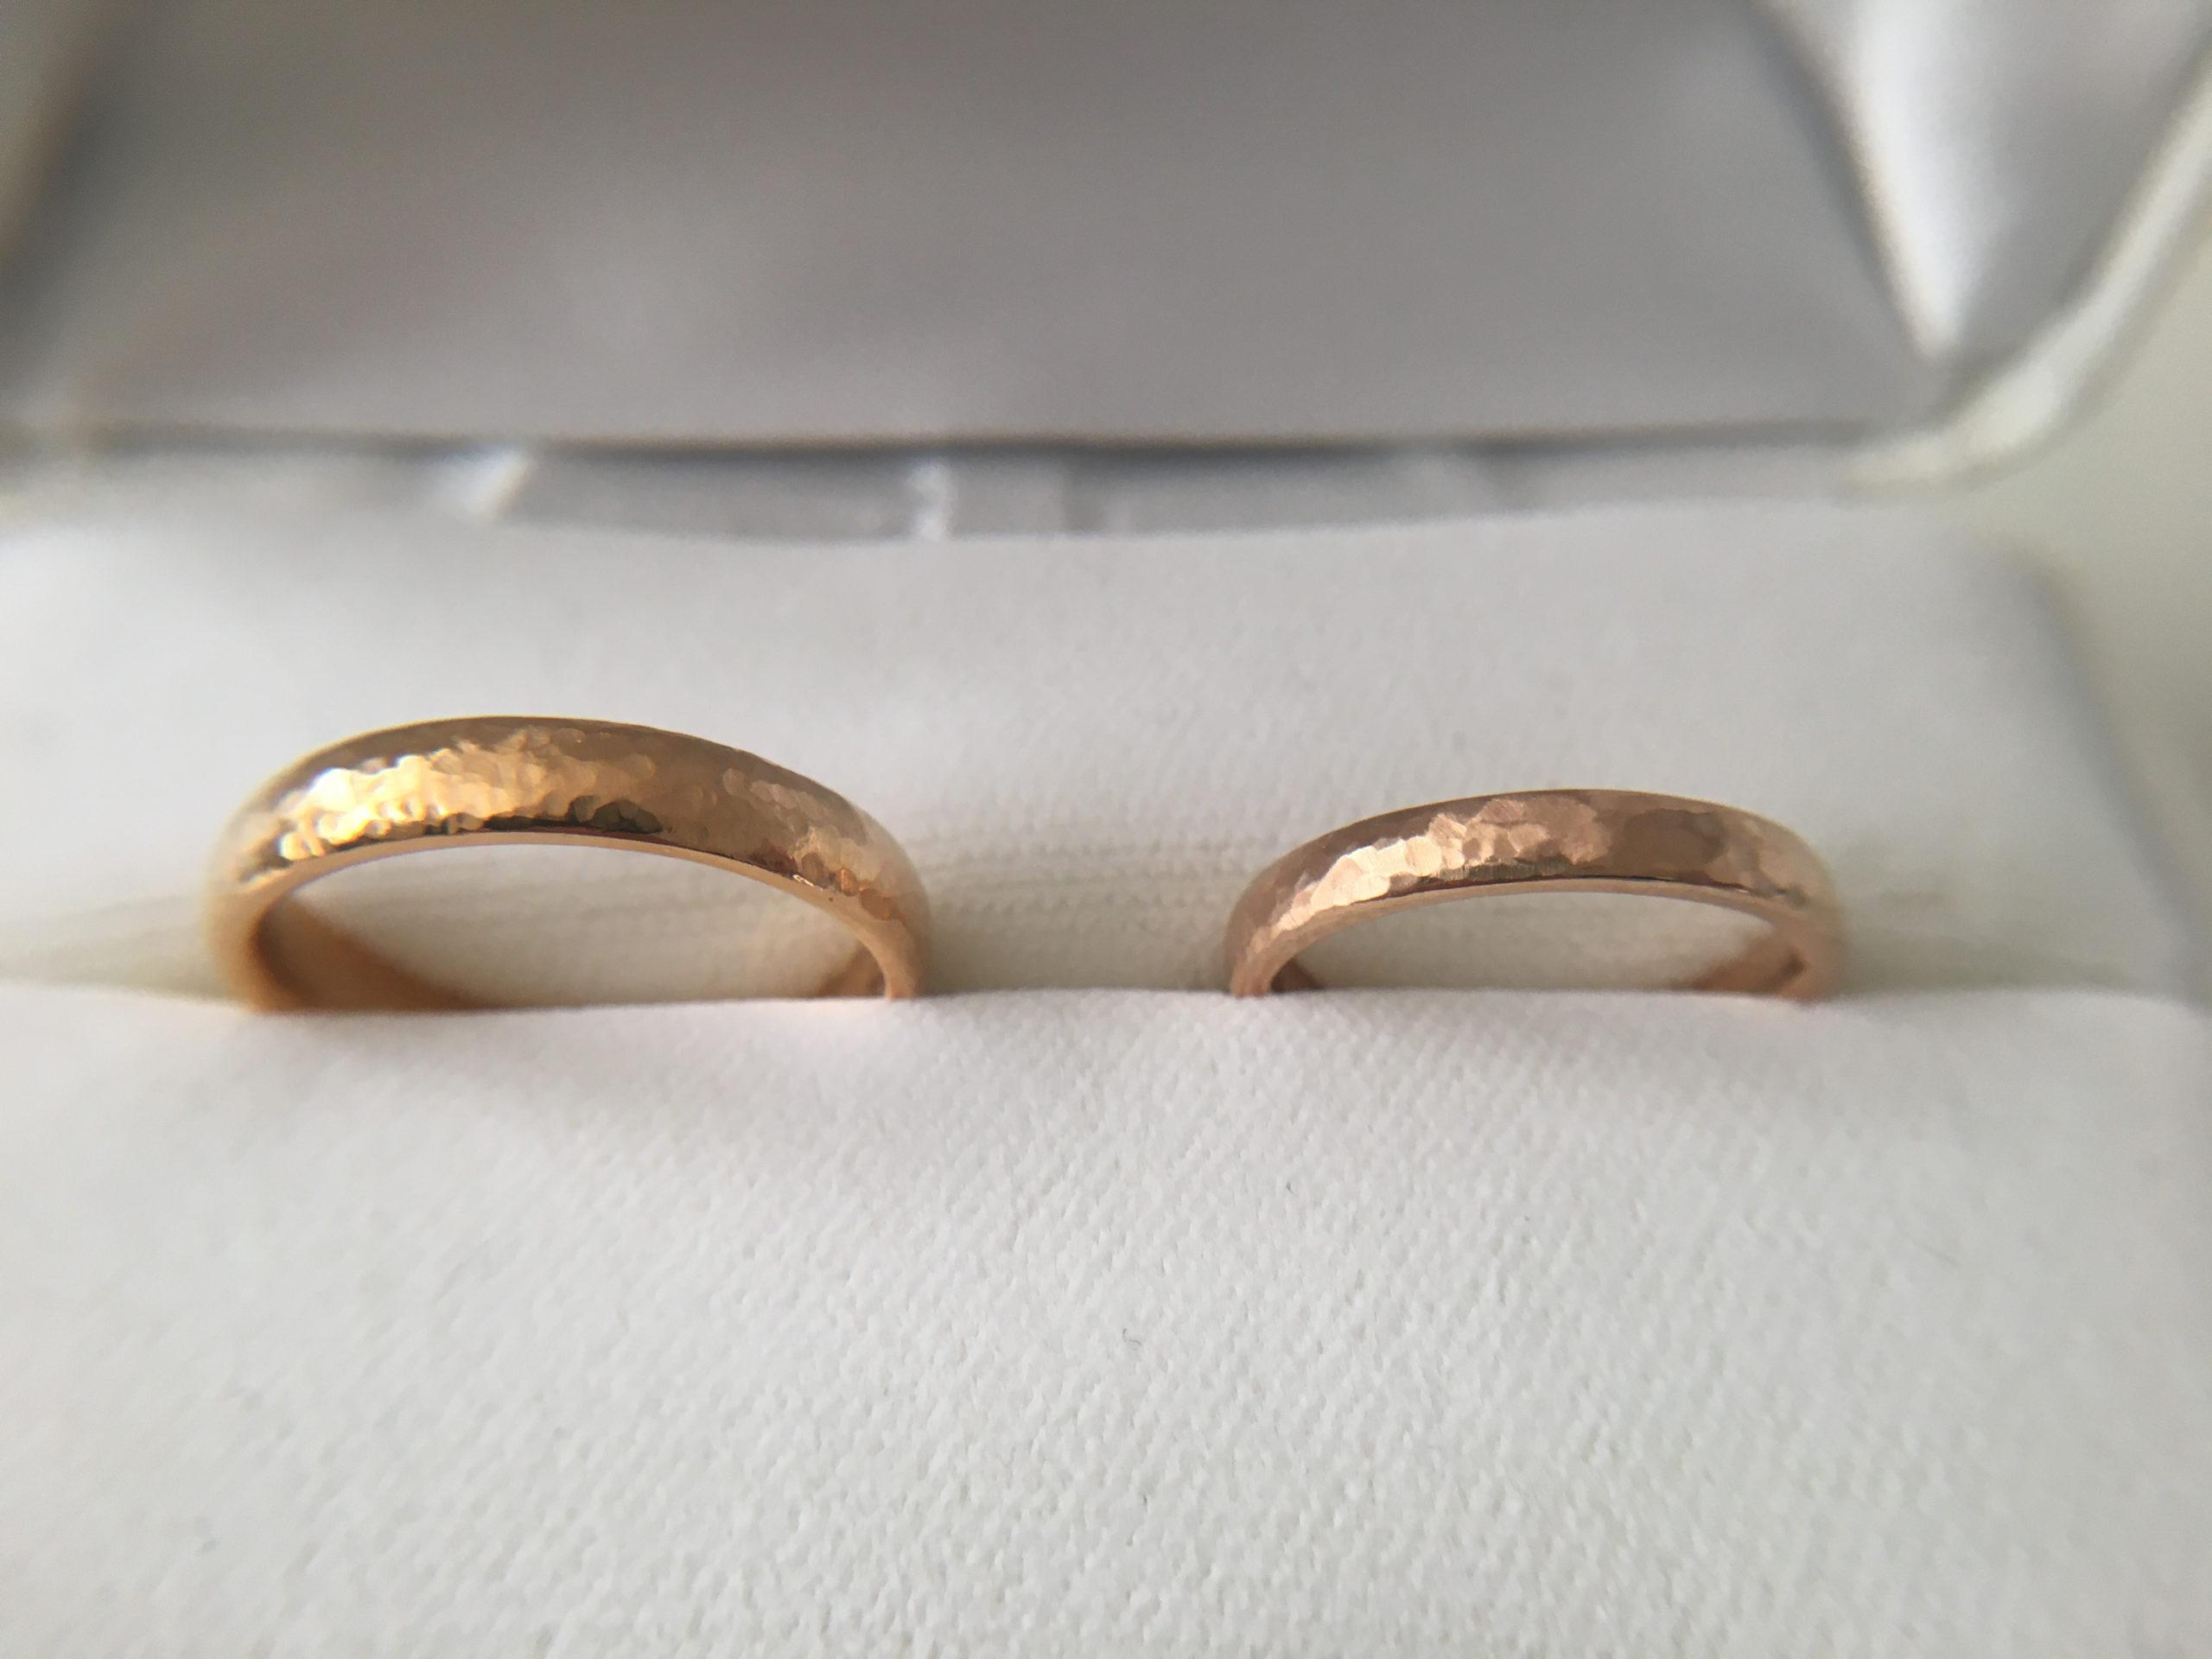 イエローゴールド・ピンクゴールドの結婚指輪の槌目